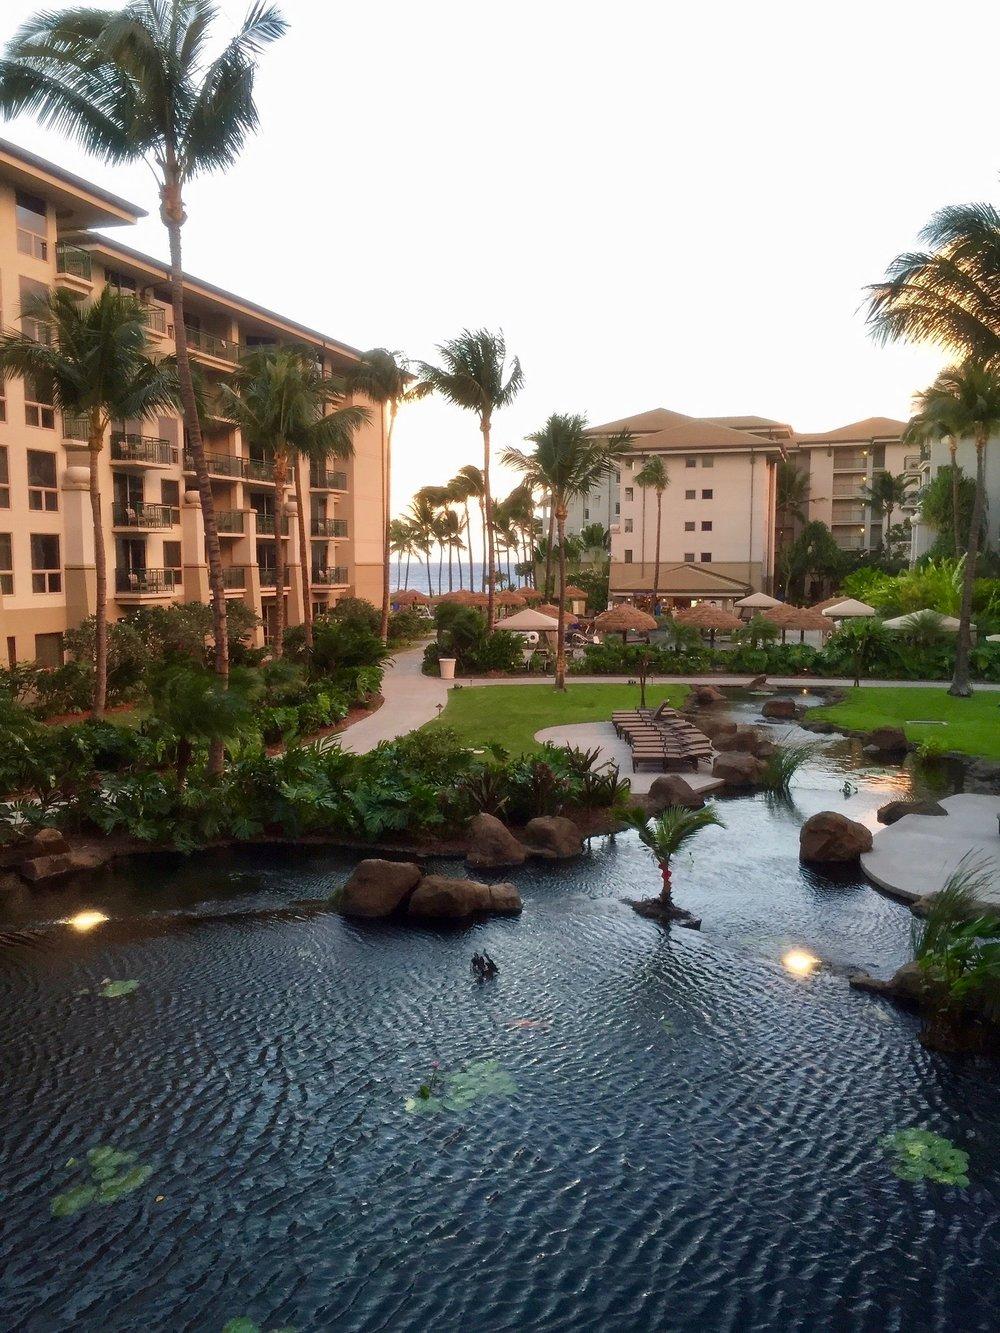 Maui Hotel Beach